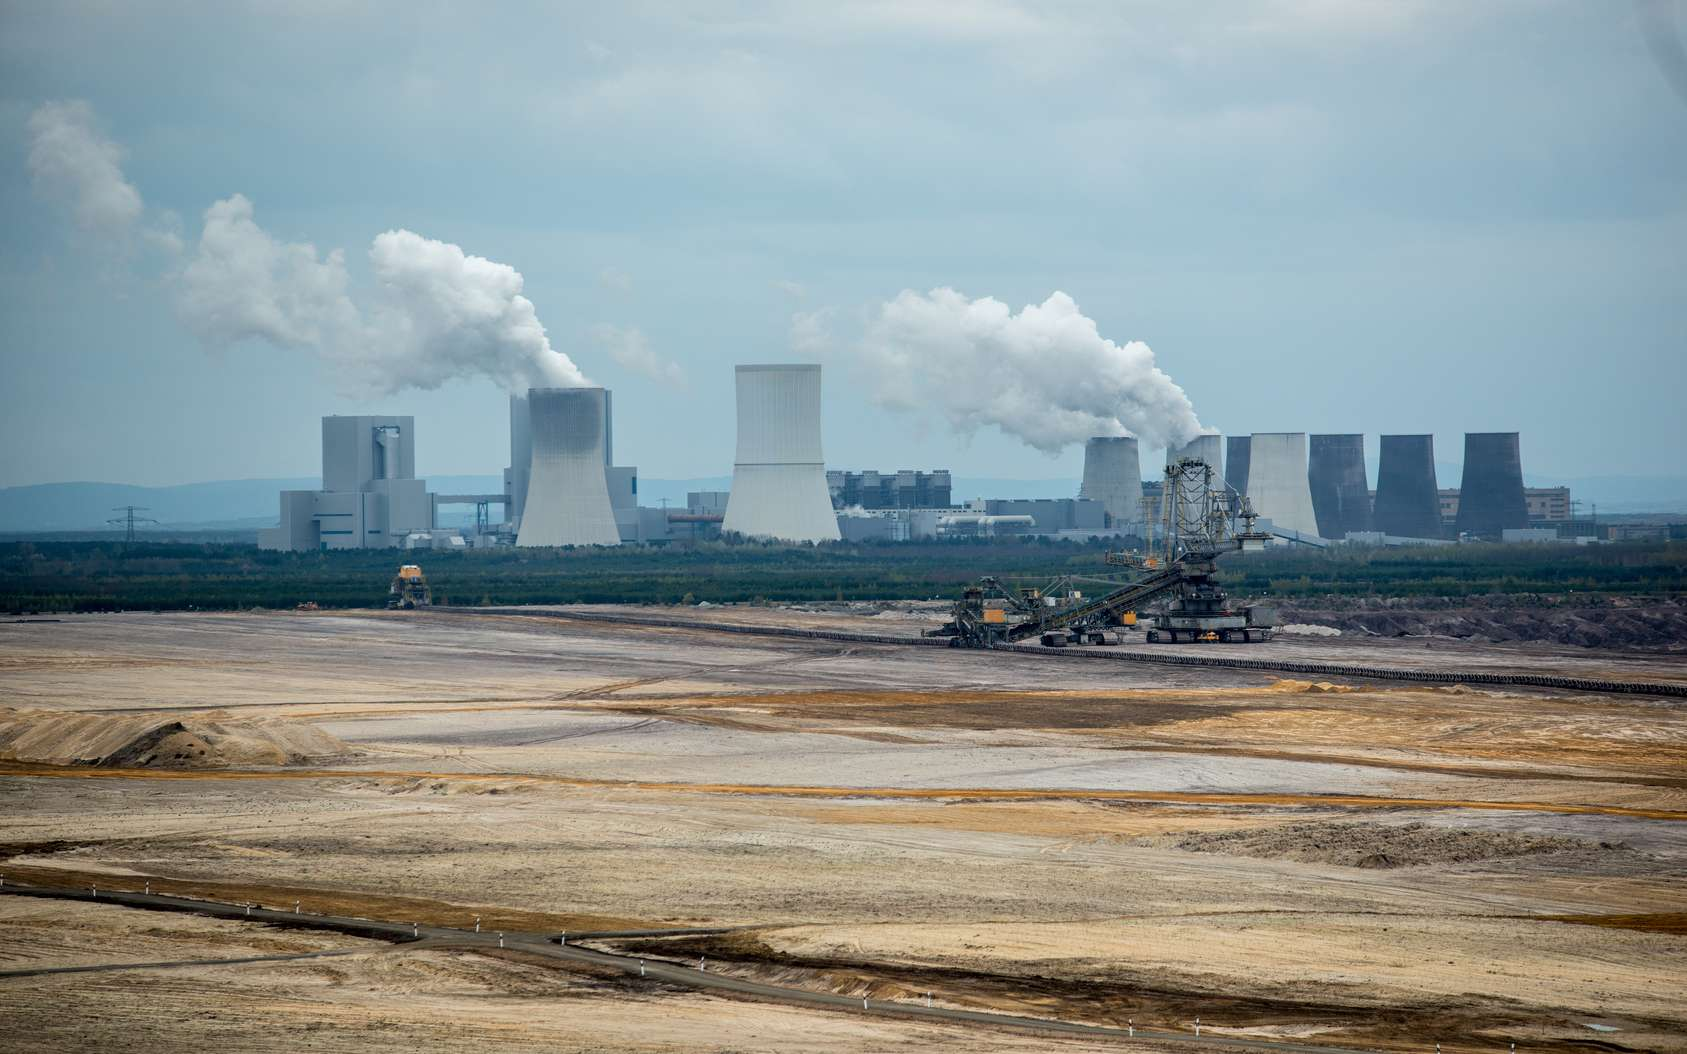 Des chercheurs pointent du doigt la quantité énorme de particules ultrafines émises par les centrales à charbon en fonctionnement dans le monde. Selon eux, elles ont une influence sur le régime des précipitations. © Cezanne-Fotografie, fotolia